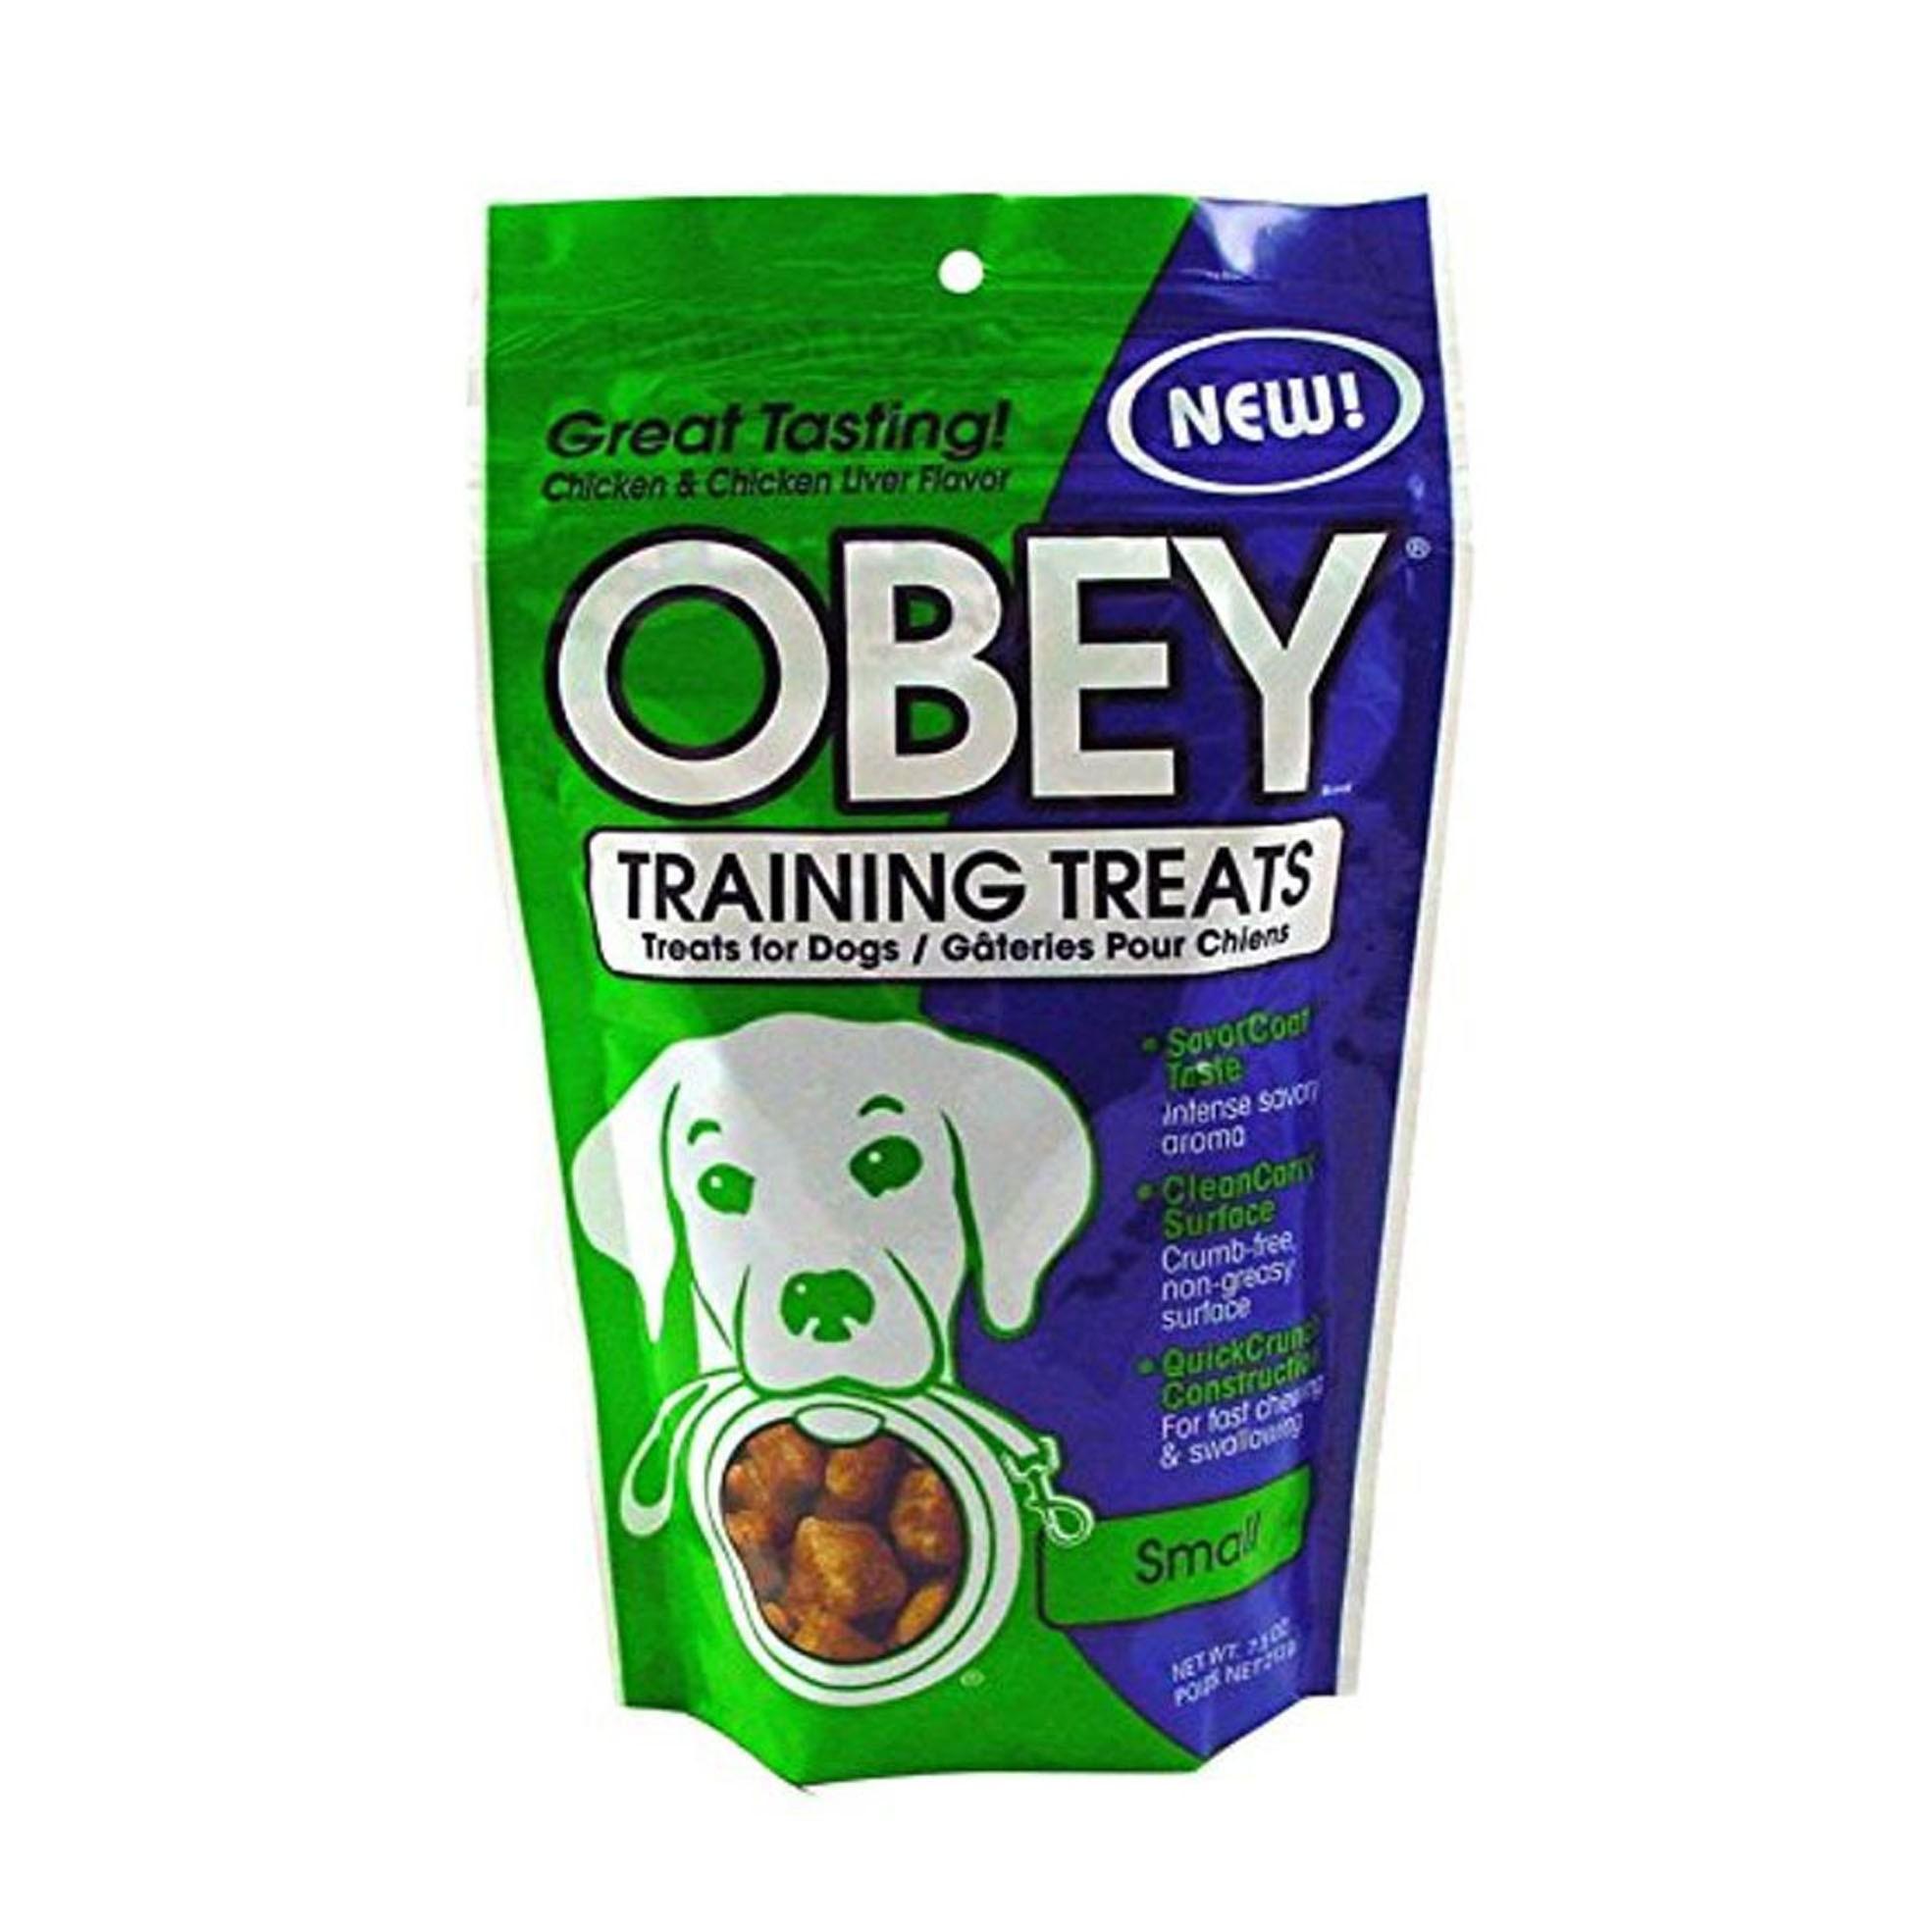 STEWART® OBEY TRAINING TREATS CHICKEN & LIVER - 7.5 OZ [9421]